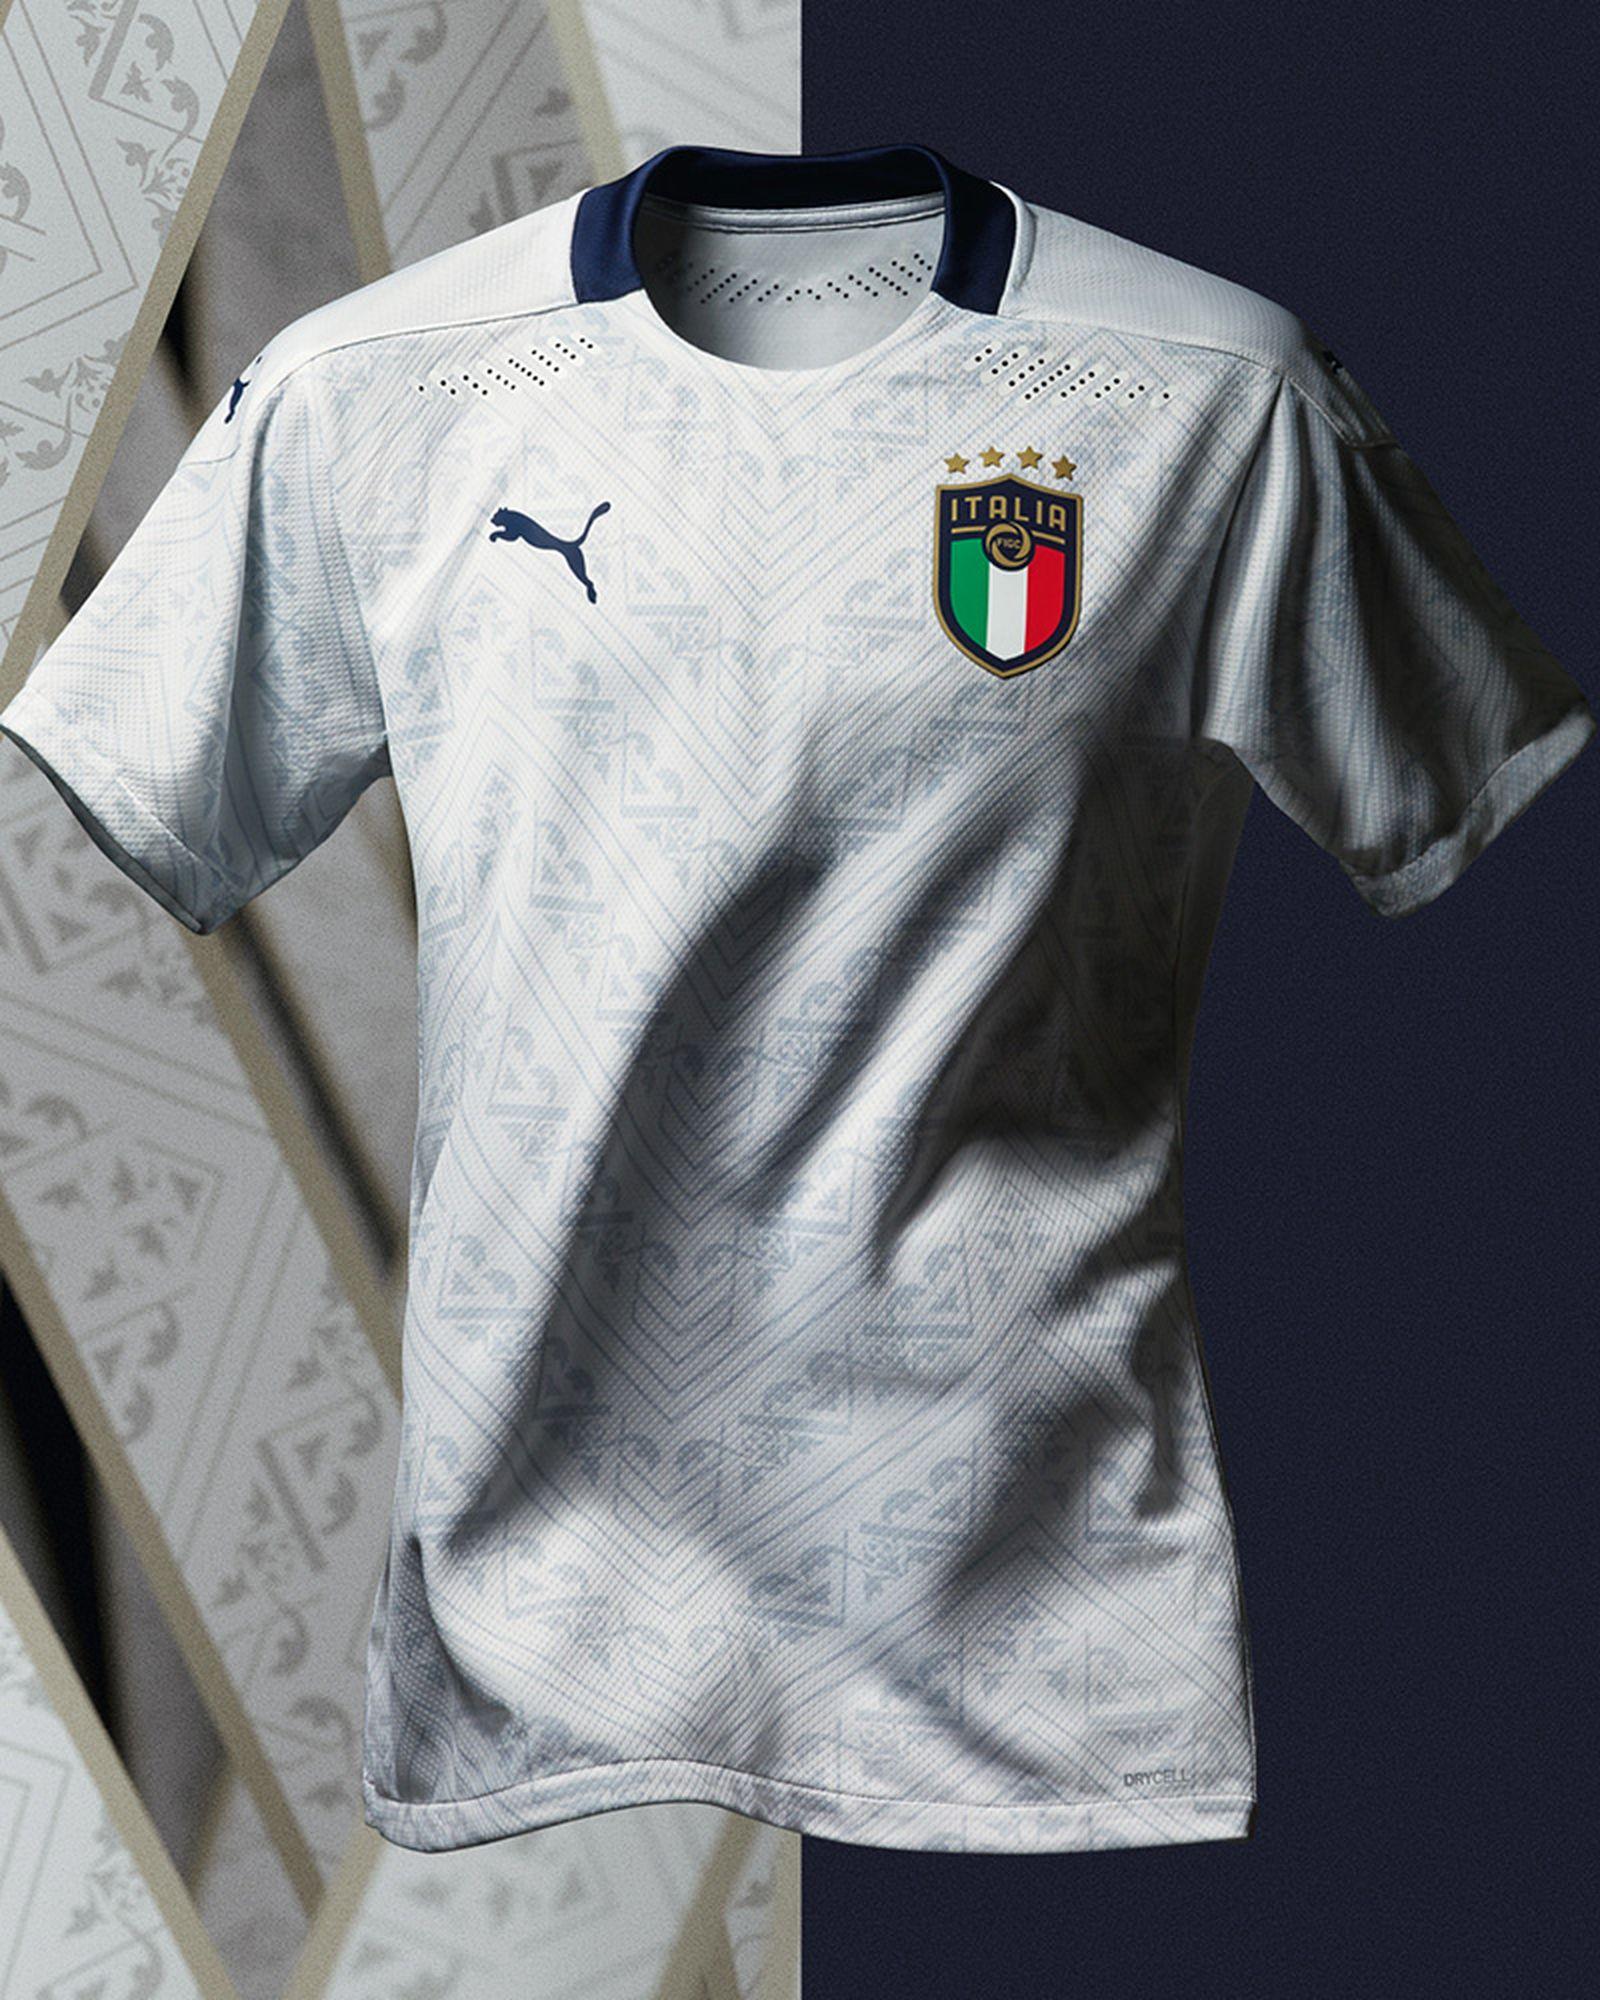 euro-2020-jersey-roundtable-ranking-italy-puma-01